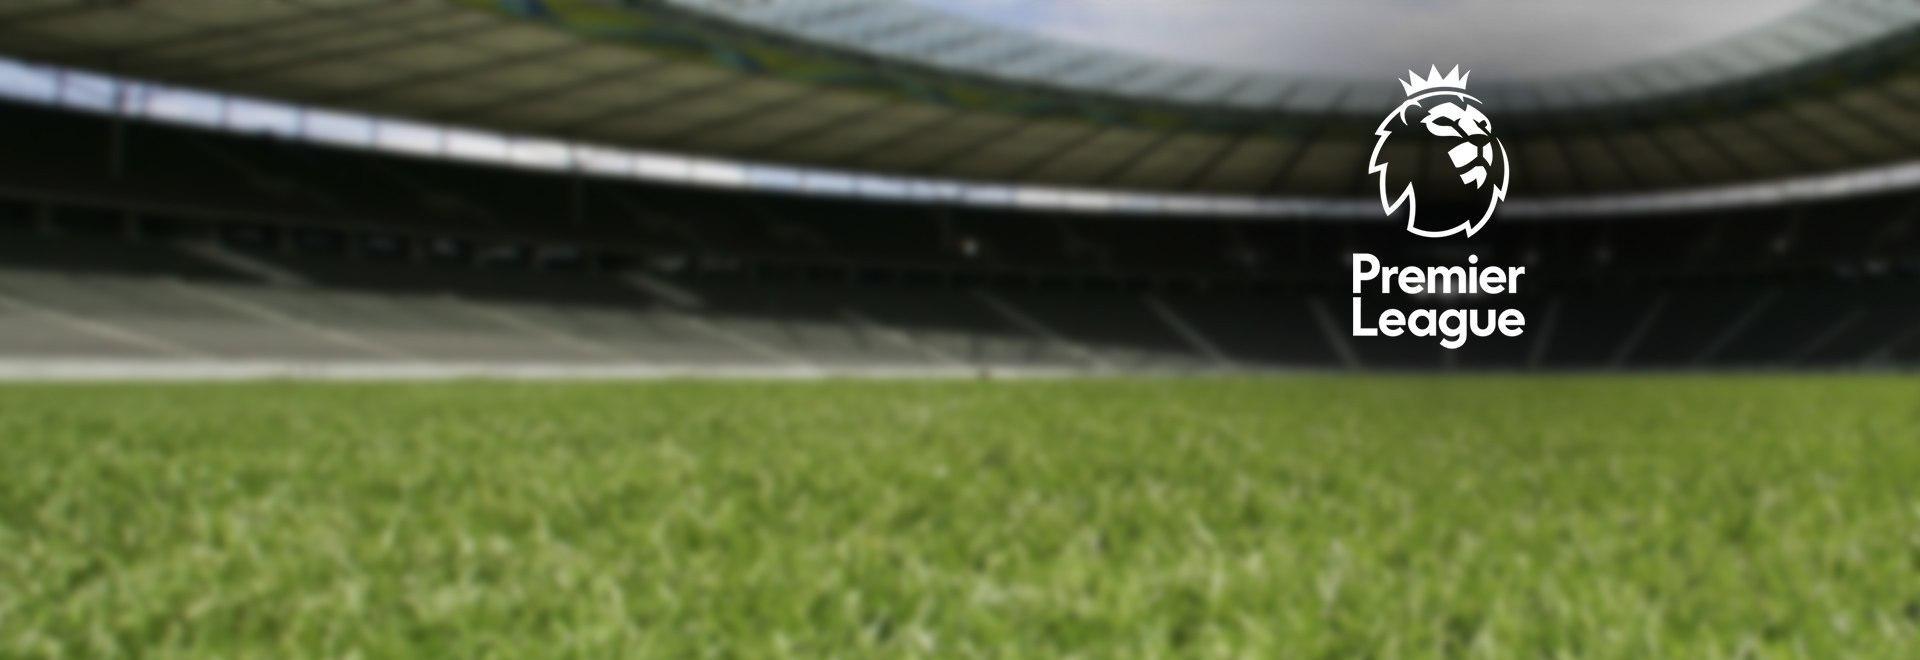 West Bromwich Albion - Brighton & Hove Albion. 26a g.